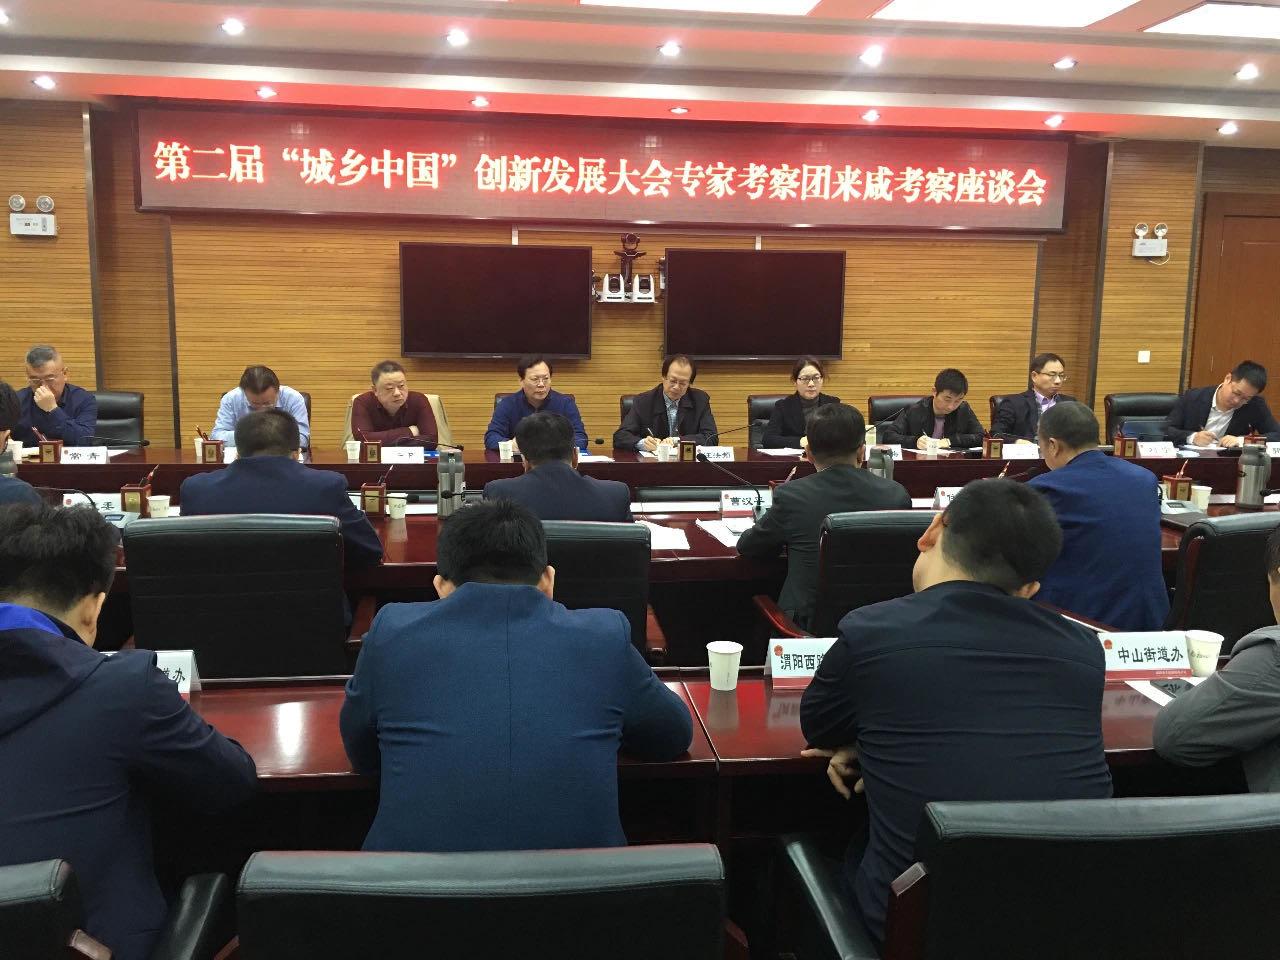 城乡建设创新平台考察团在咸阳举行座谈会